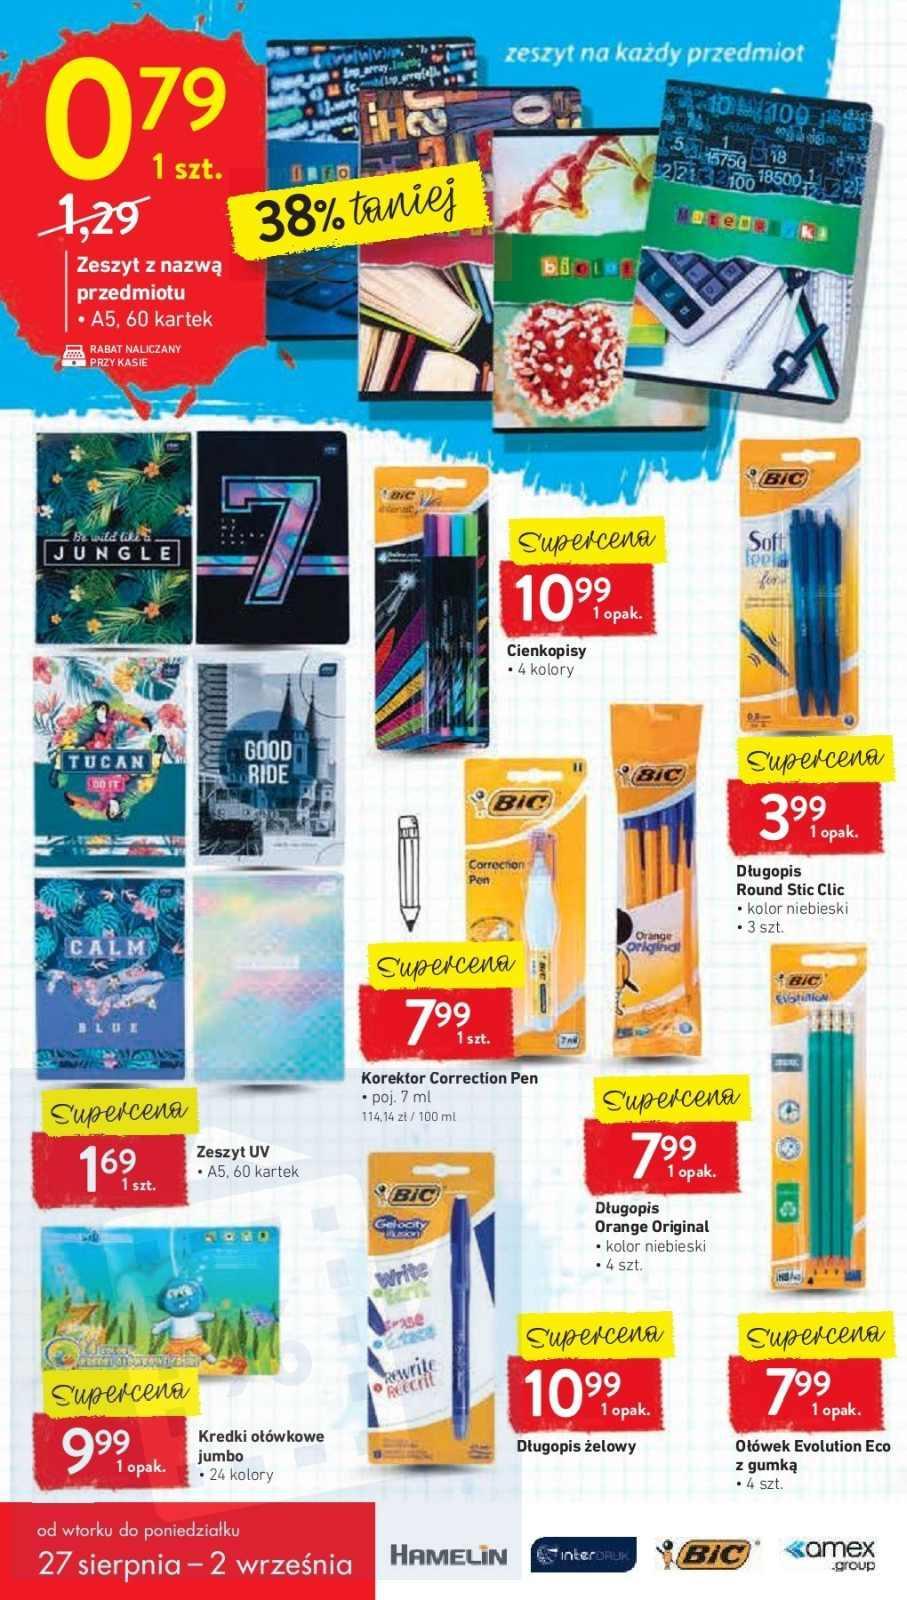 Gazetka promocyjna Intermarche do 02/09/2019 str.19